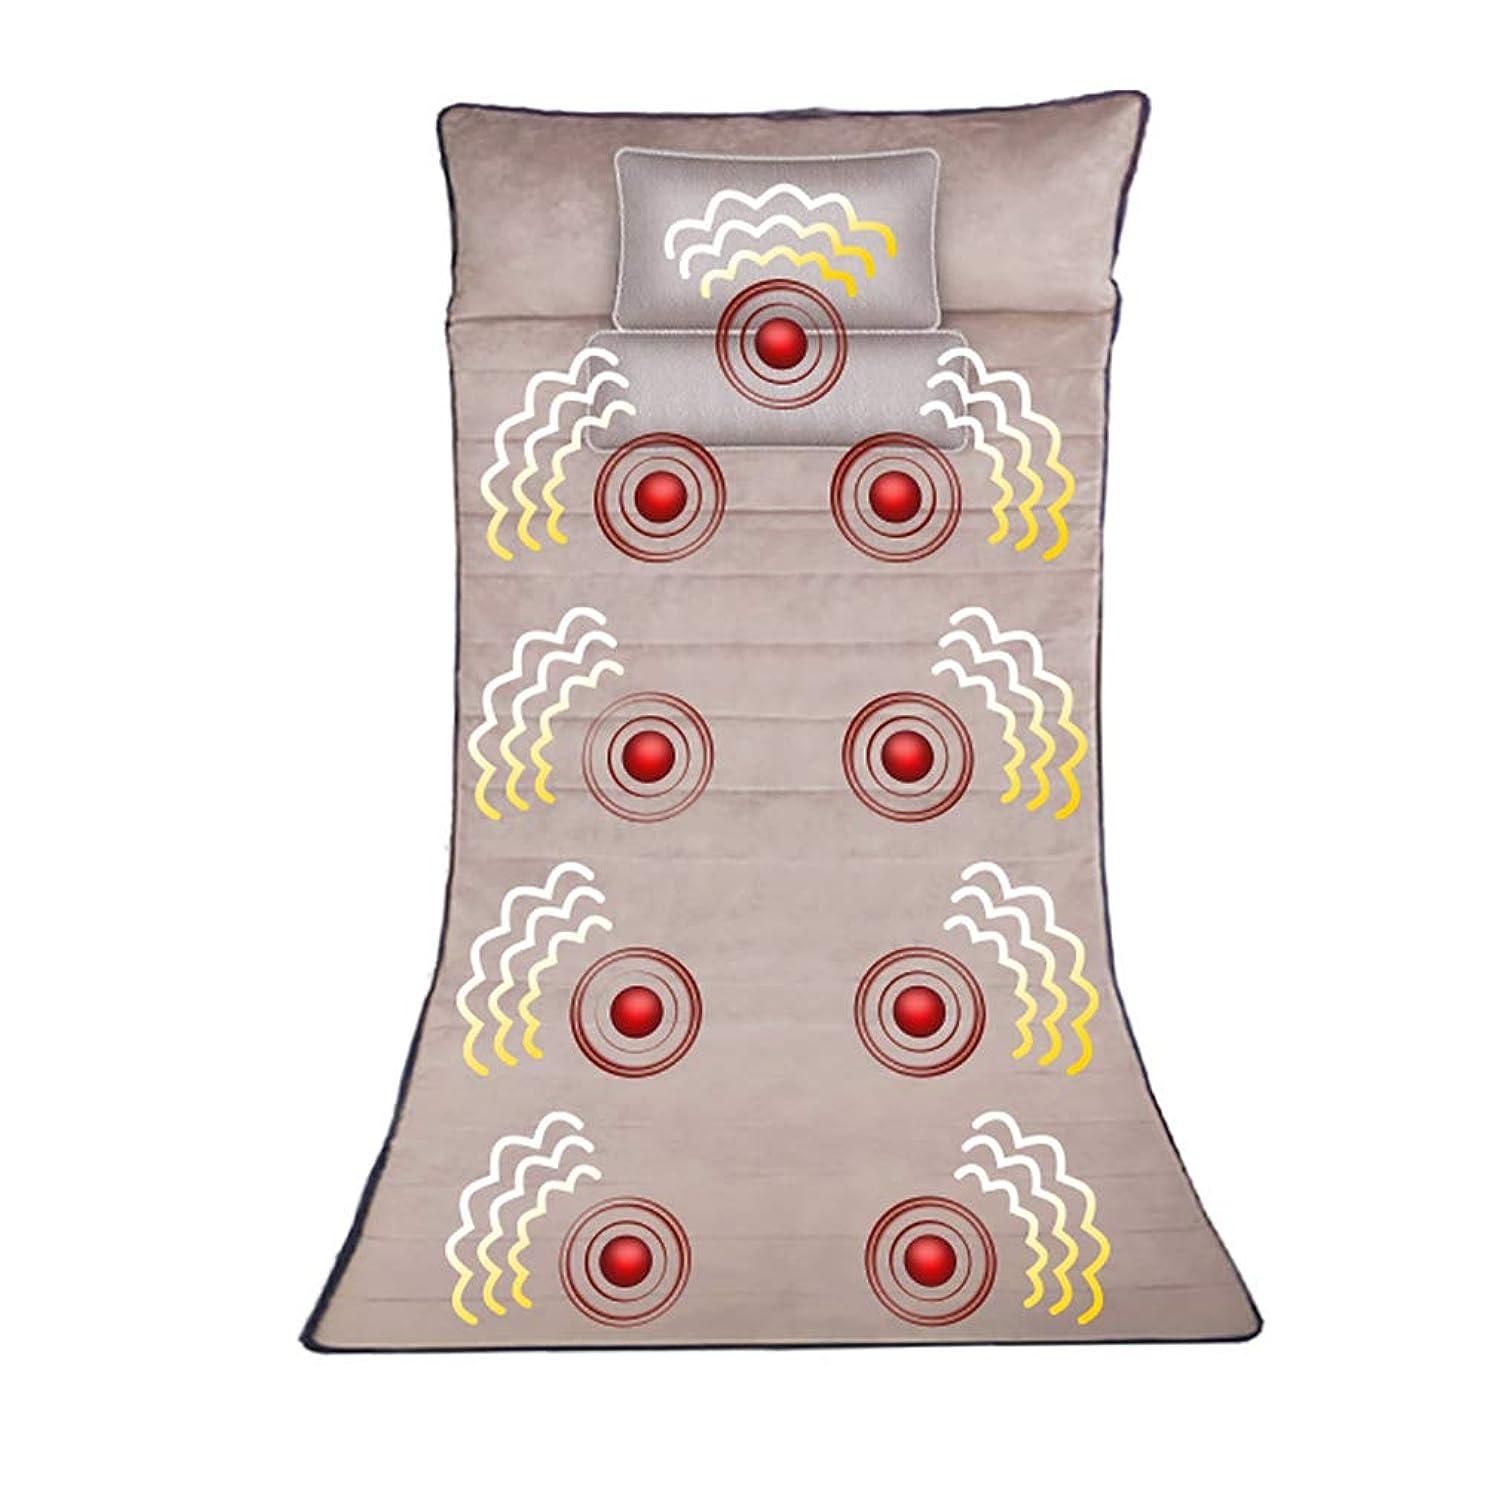 山フォアマン不可能な熱とマッサージマット - 9モーター振動マッサージマットレスパッド、背中の痛みを軽減、首と背中の全身マッサージ、腰部ふくらはぎ筋肉リラクゼーション